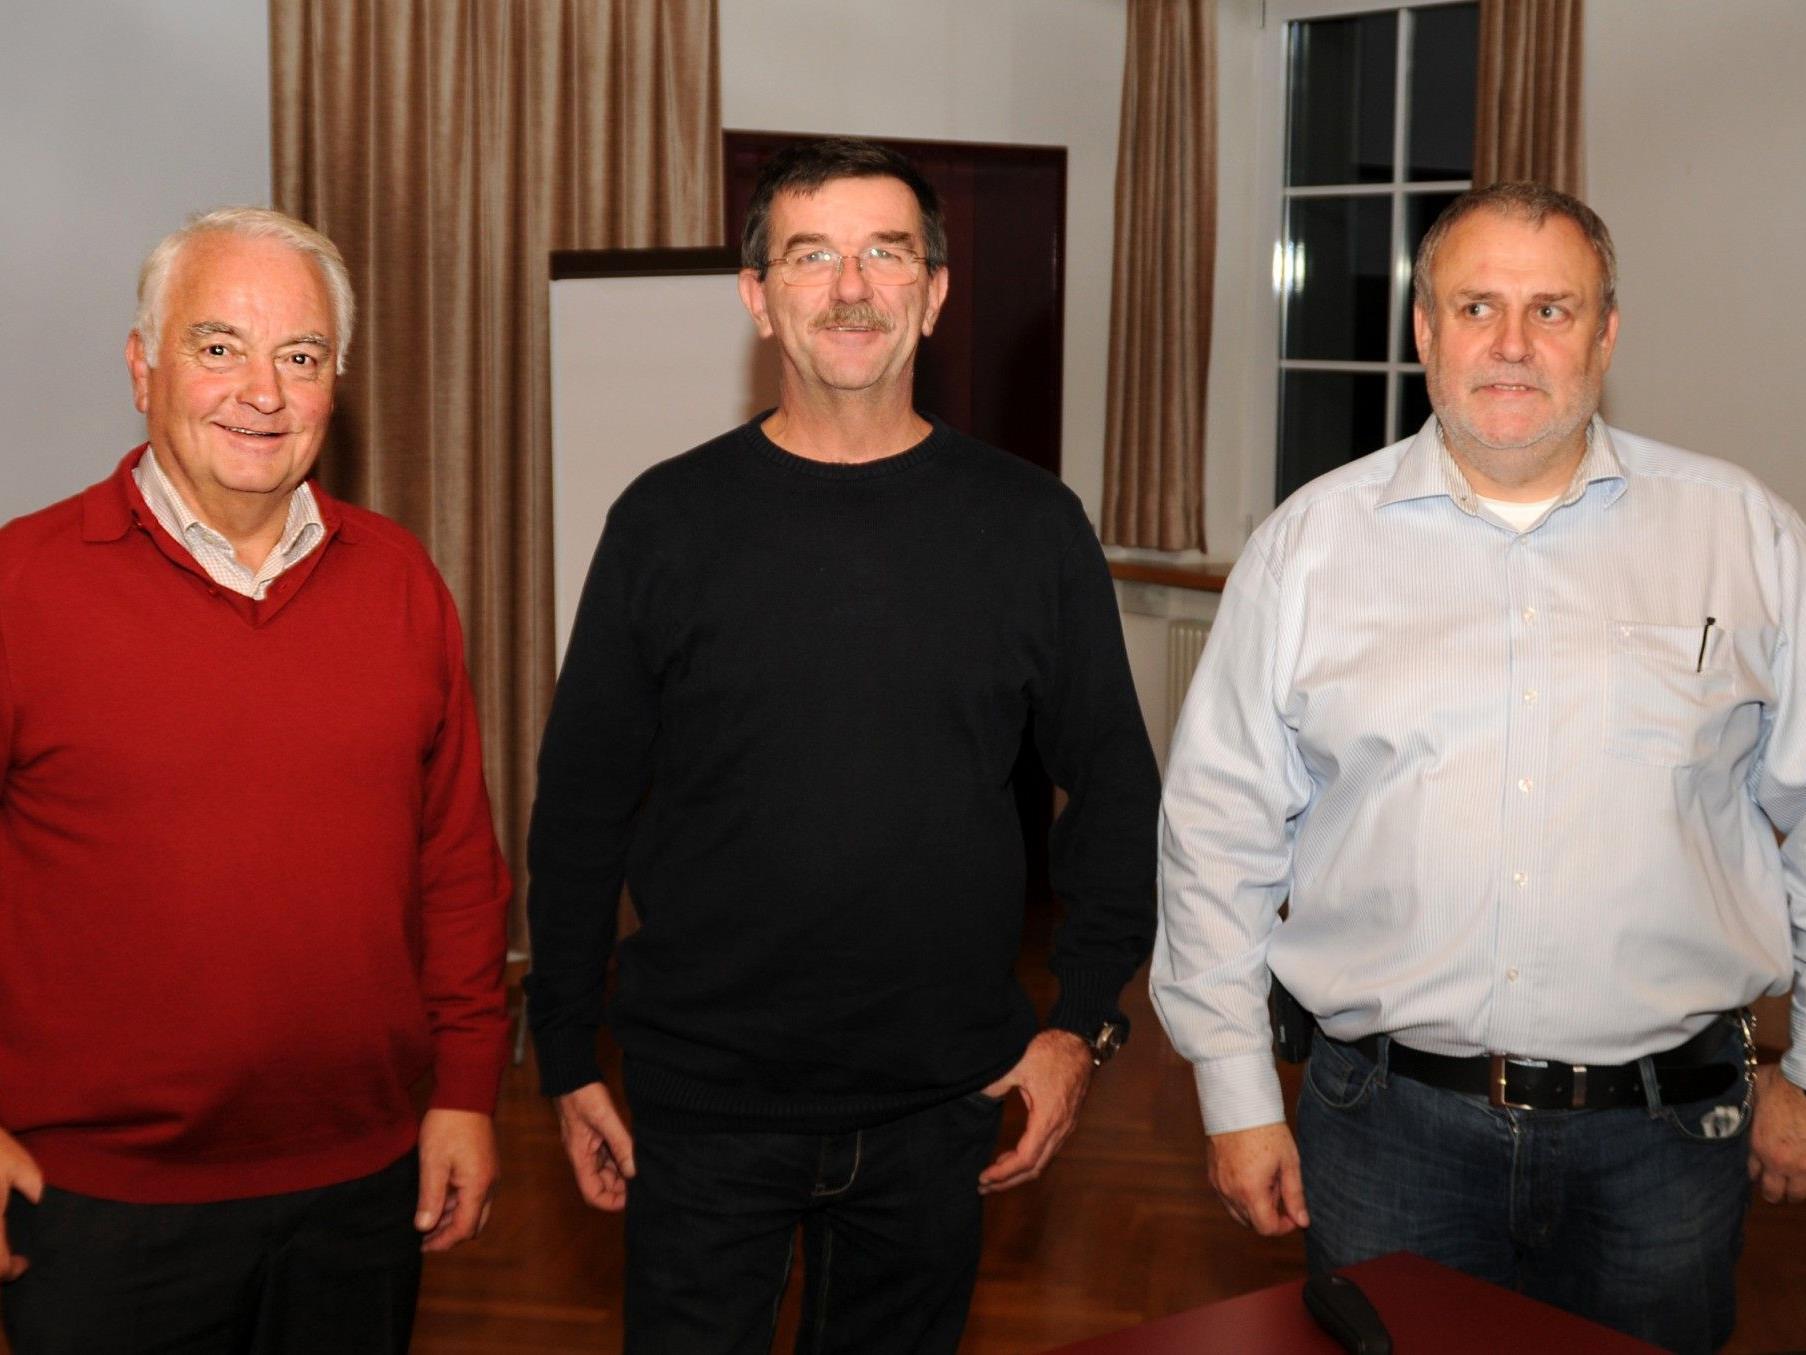 Edi Ortner vom Höchster Seniorenrat mit Herbert Humpeler und Harald Longhi von der Polizei